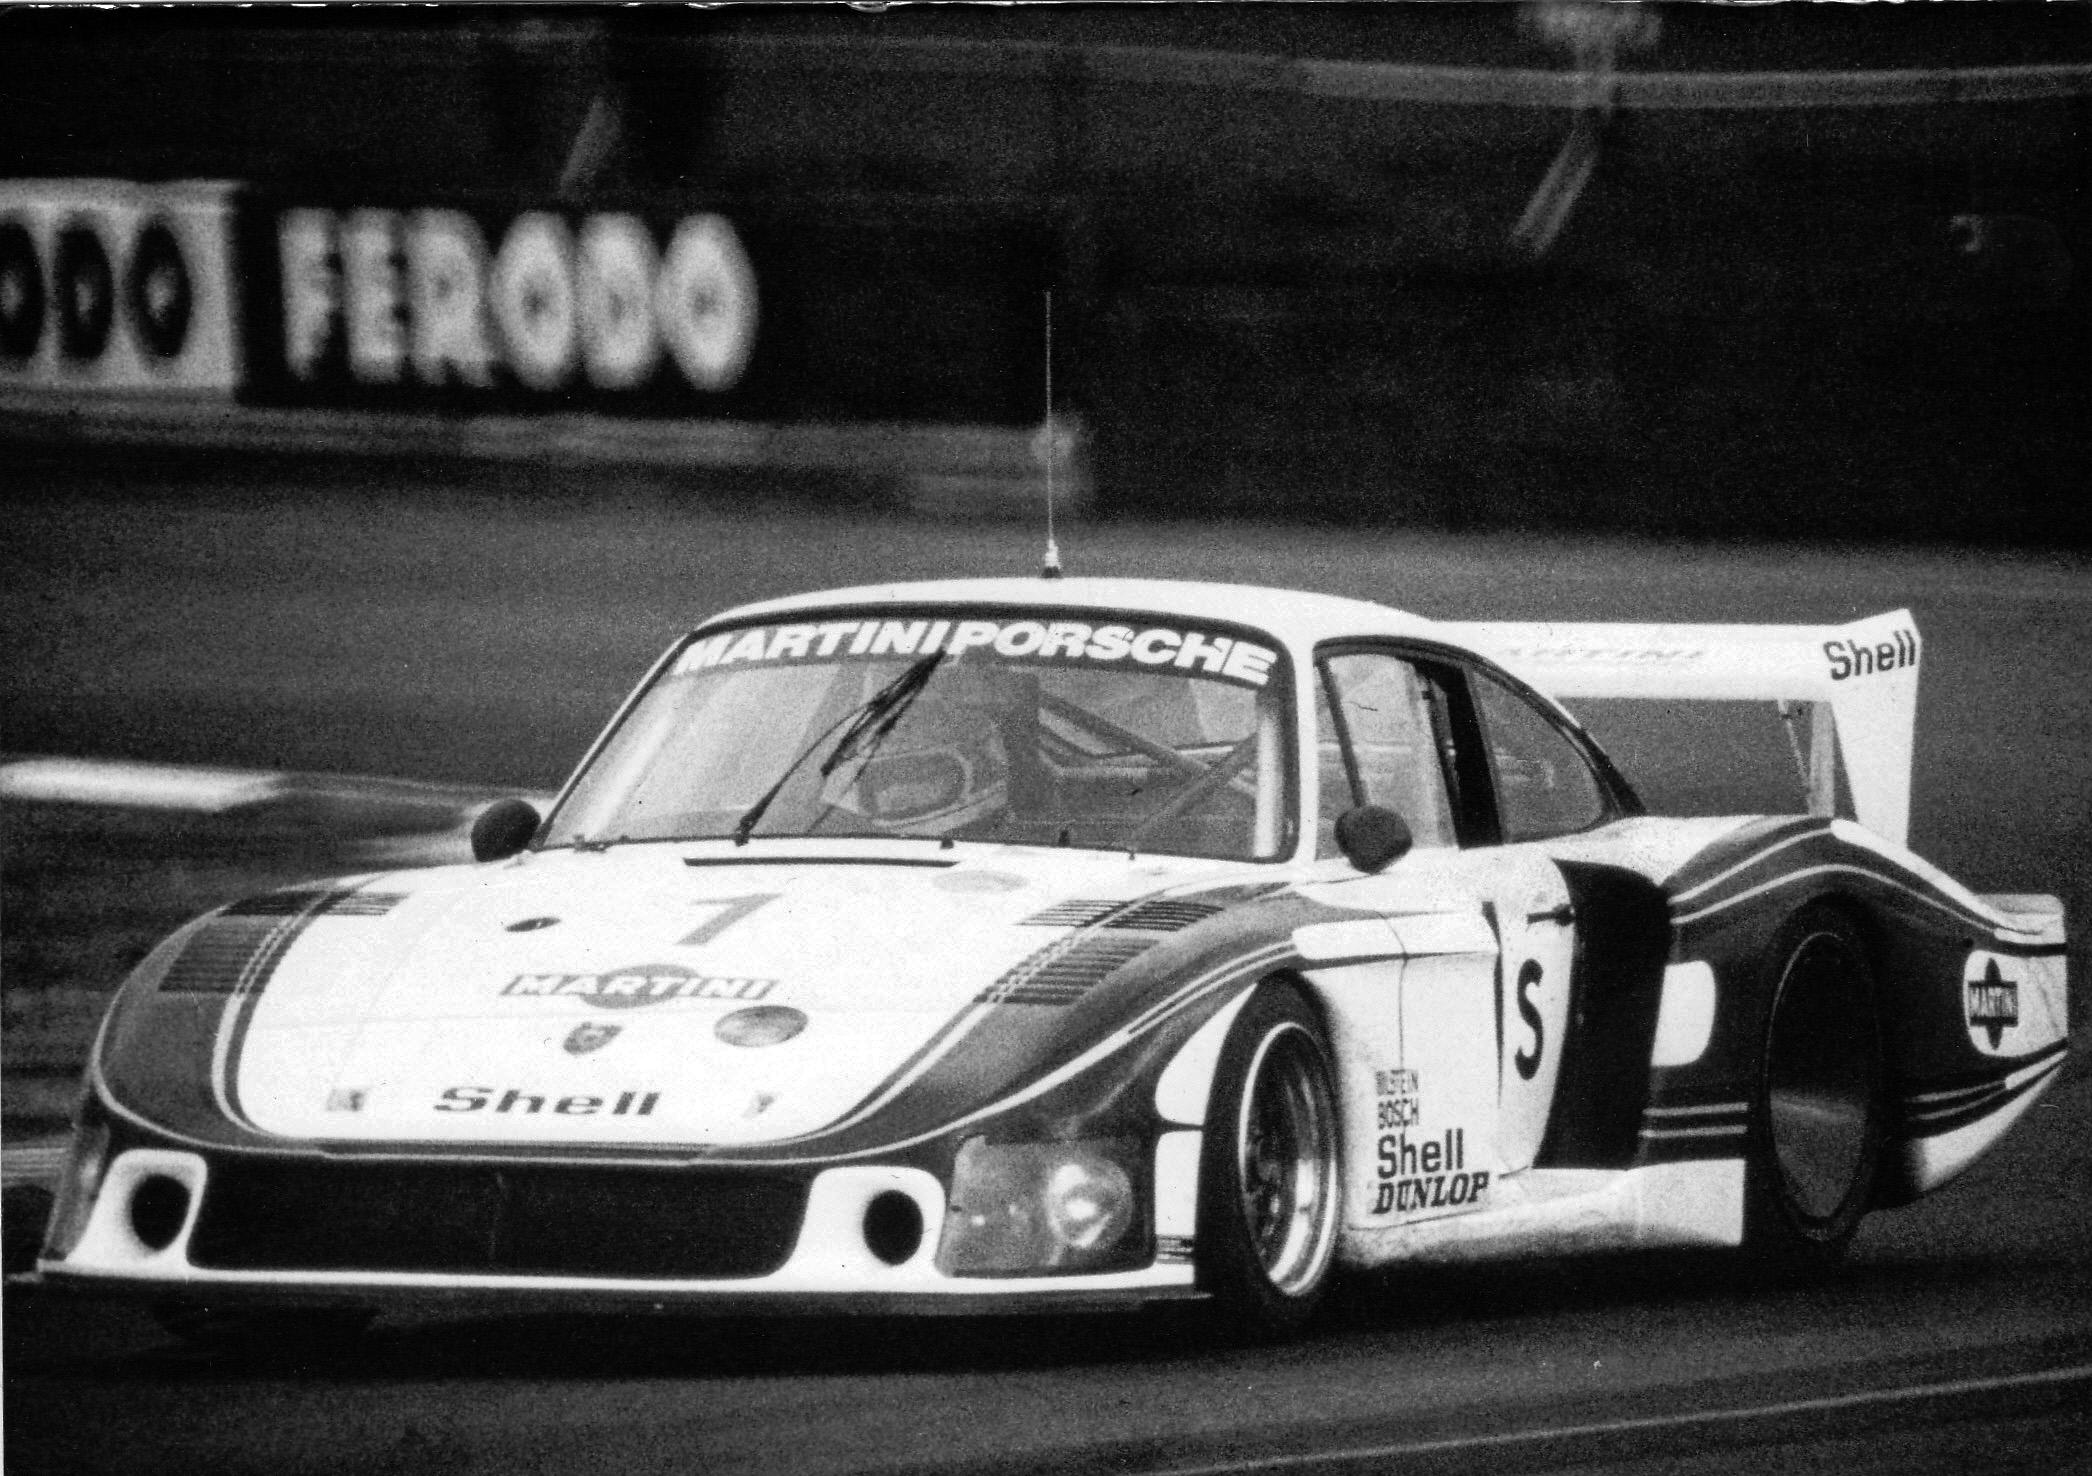 1978 - Porsche Martini - FD